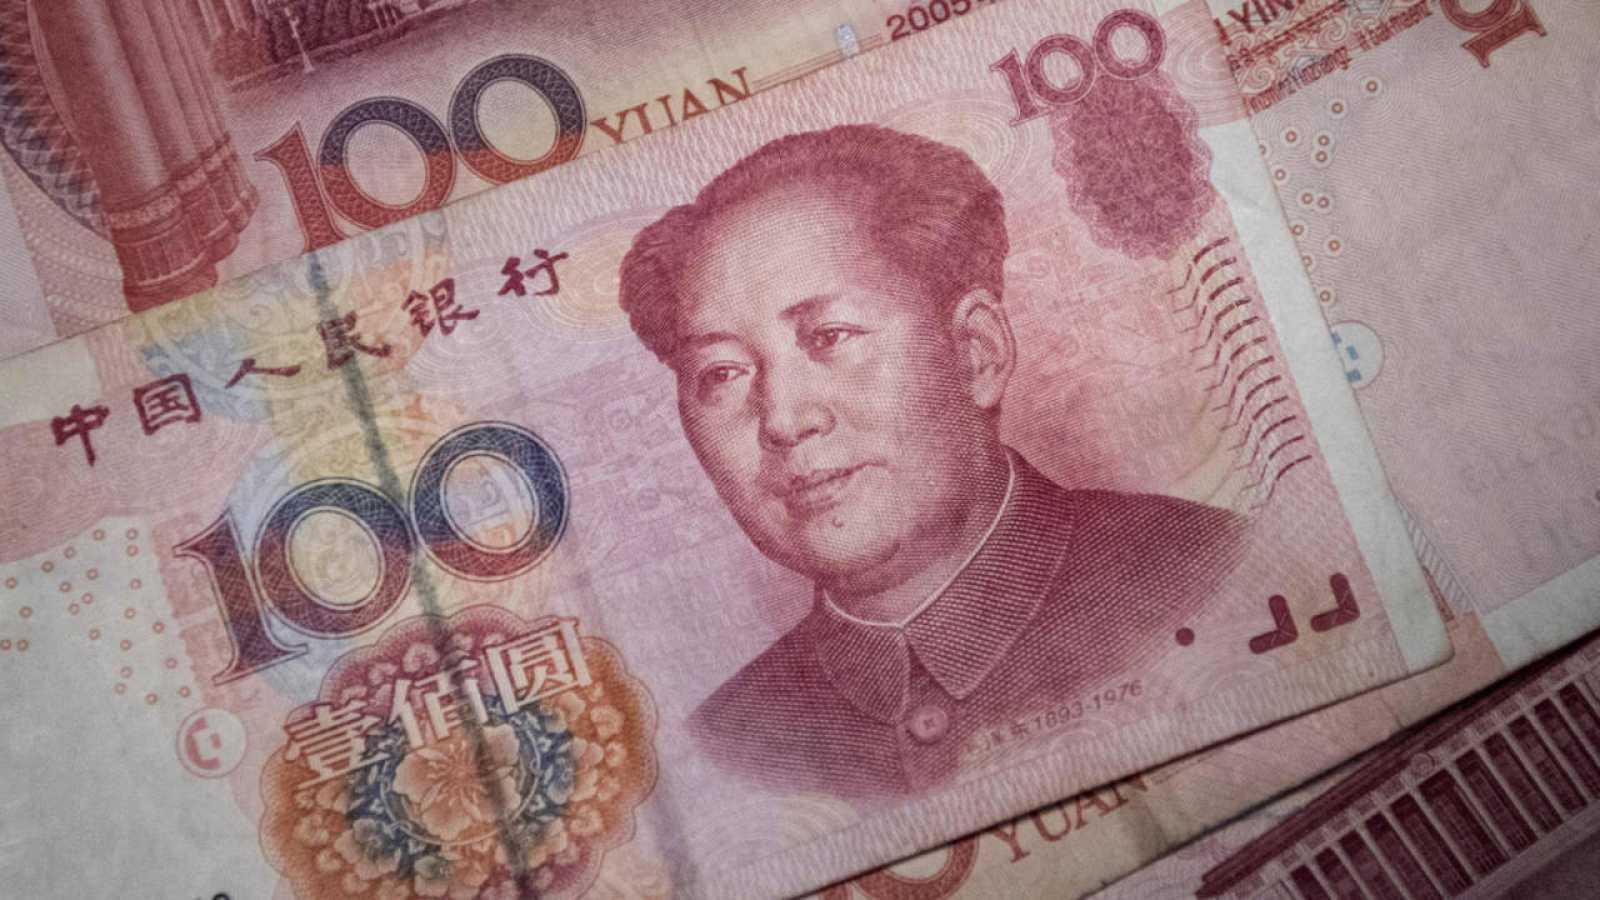 Banco Central de China asegura que el yuan digital no causará inflación y señala que el proyecto avanza con las nuevas pruebas piloto